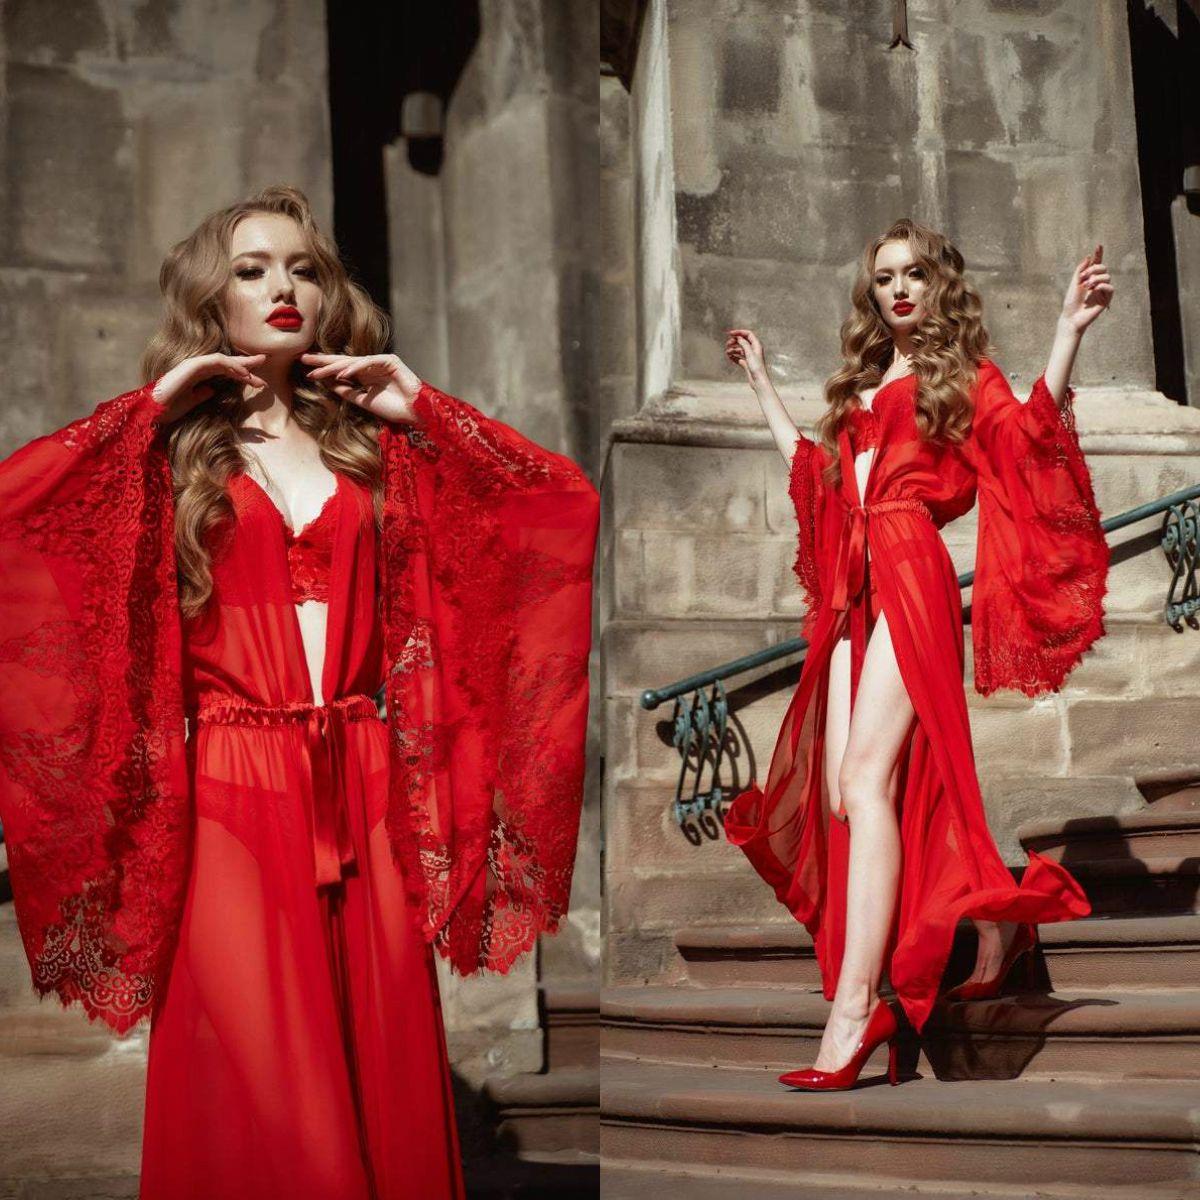 Rouge nuptiale de nuit des femmes Ensembles robe robe de dentelle Peignoir Nuit Robe Illusion Sexy Femmes Designer Pyjama Femme Lingerie